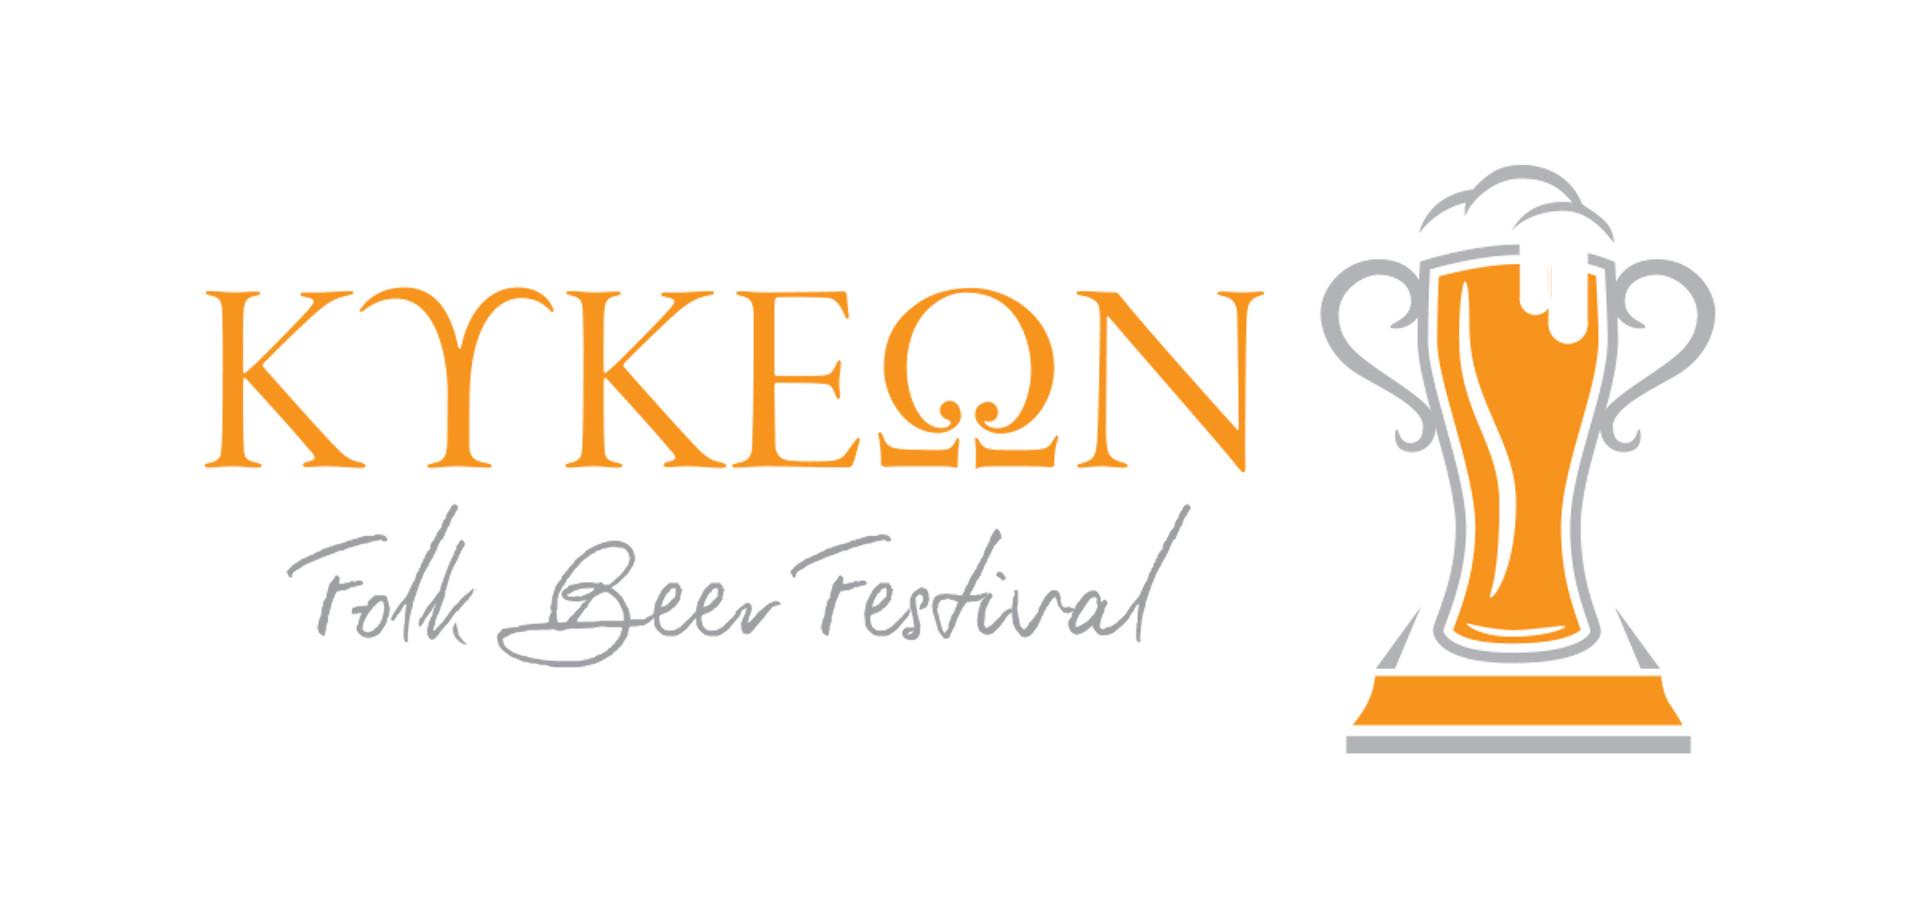 Kykeon folk beer festival